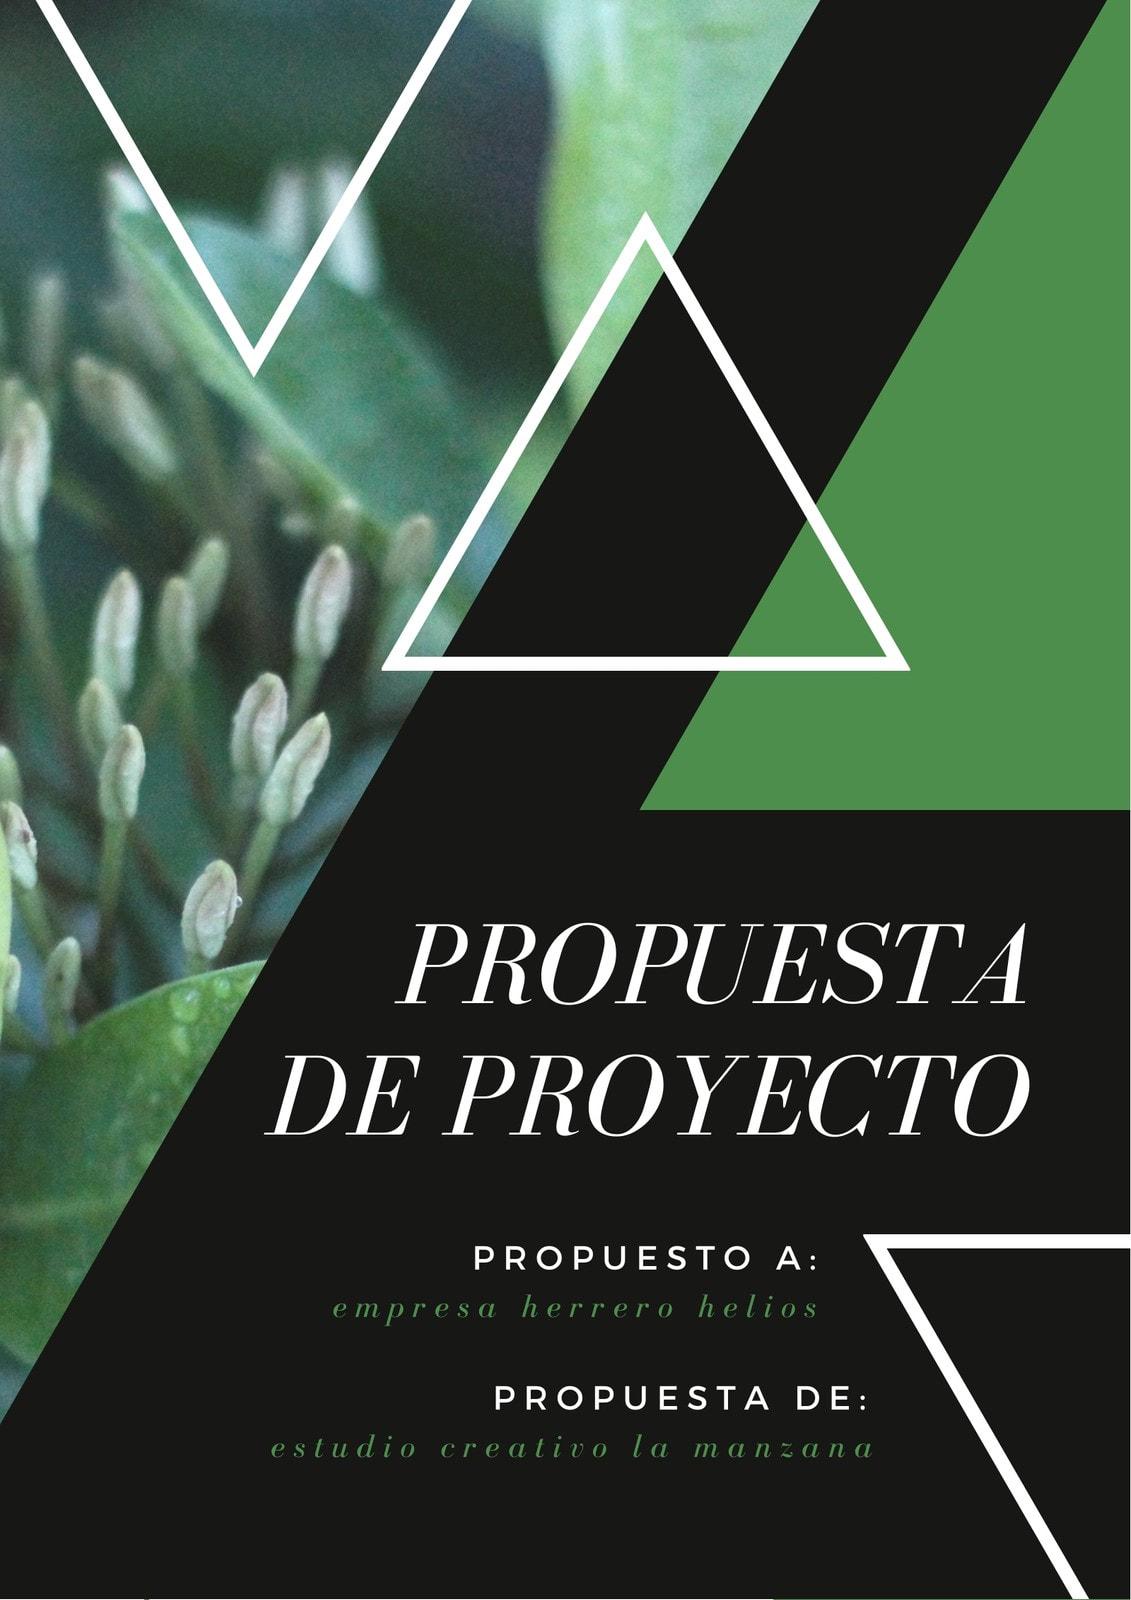 Verde Negro Foto Naturaleza Triángulos Proyecto General Propuesta